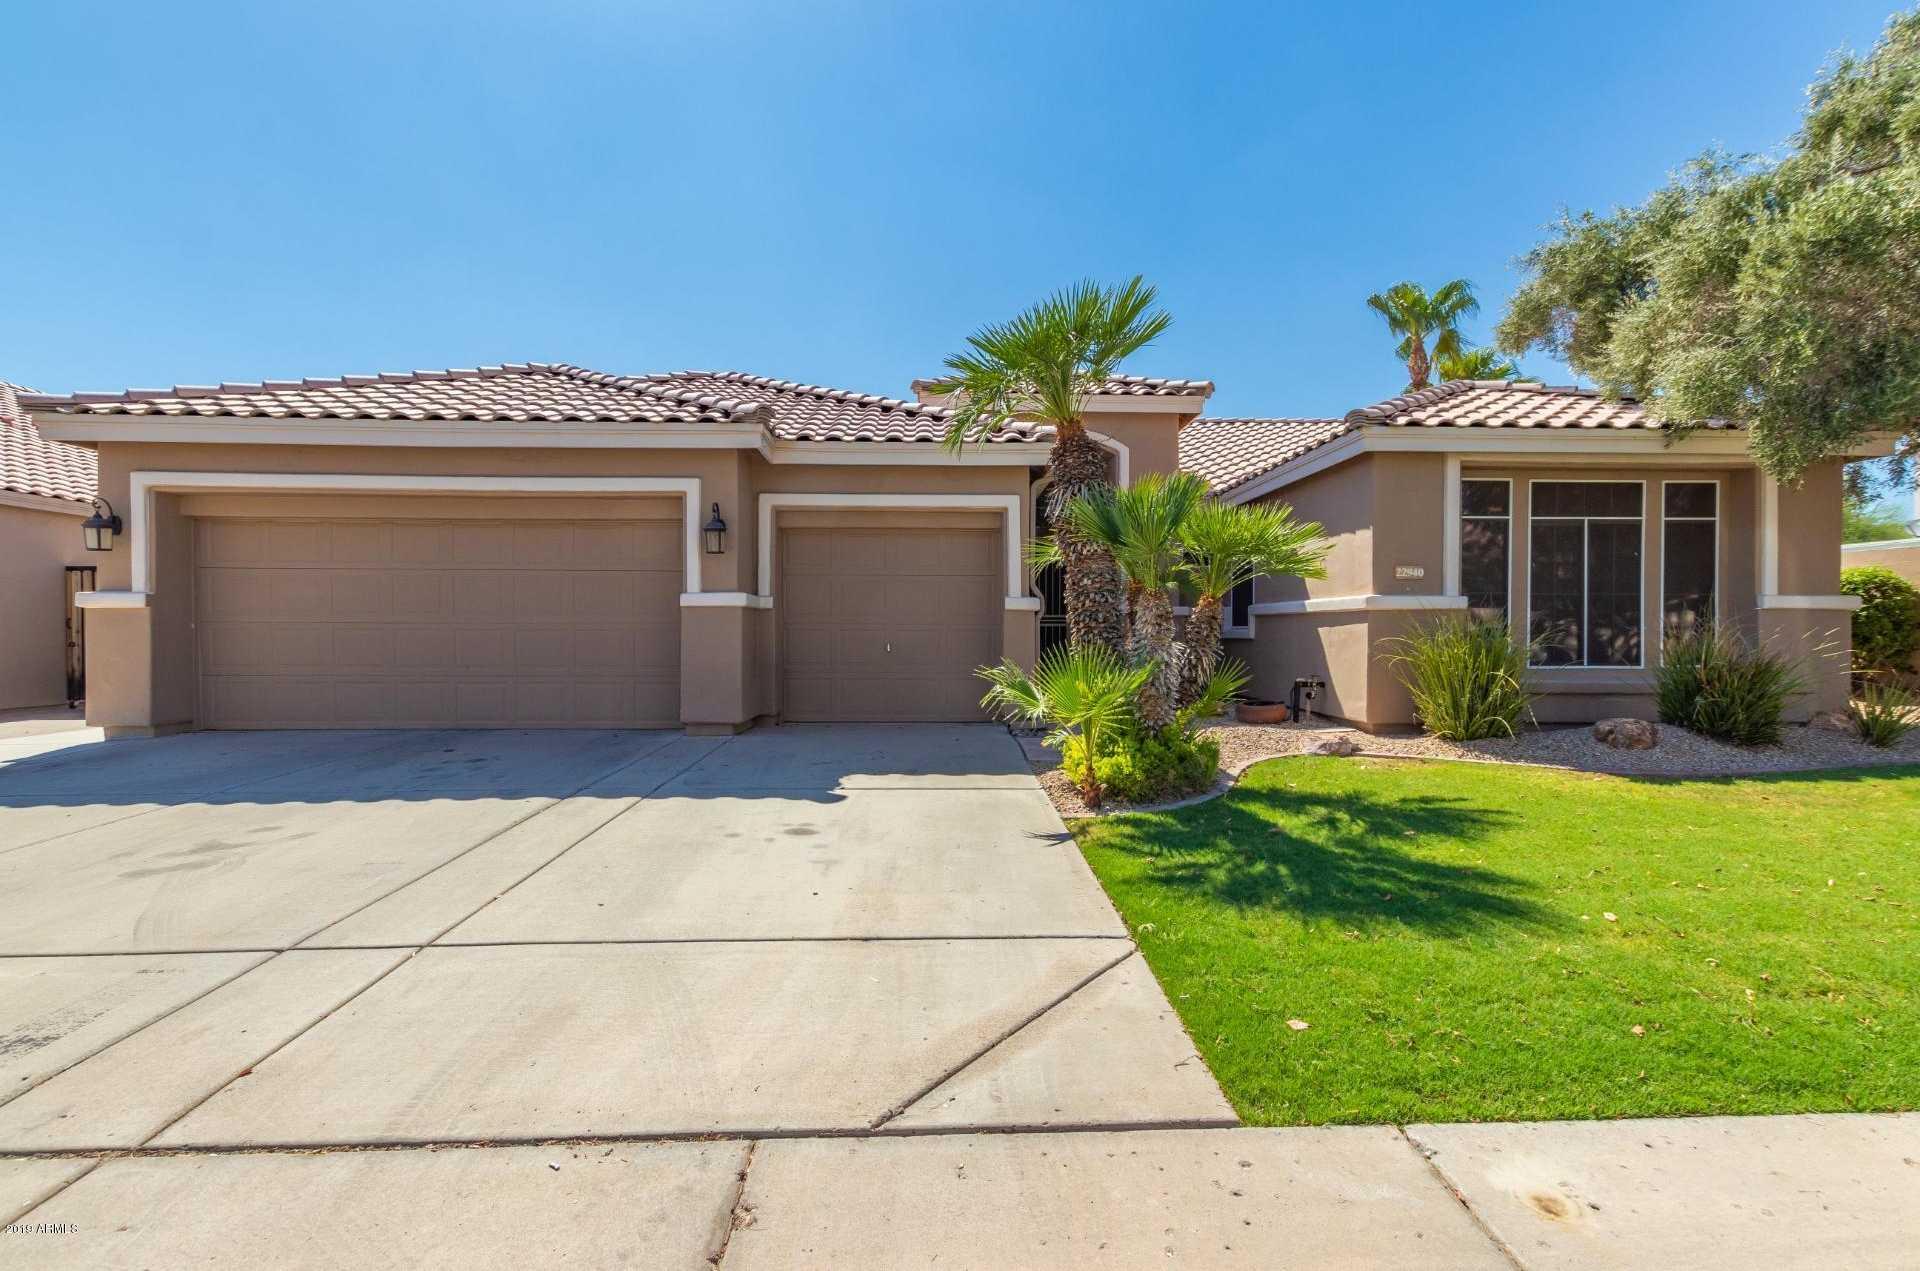 $410,000 - 4Br/2Ba - Home for Sale in Hillcrest Ranch Parcel F & H, Glendale